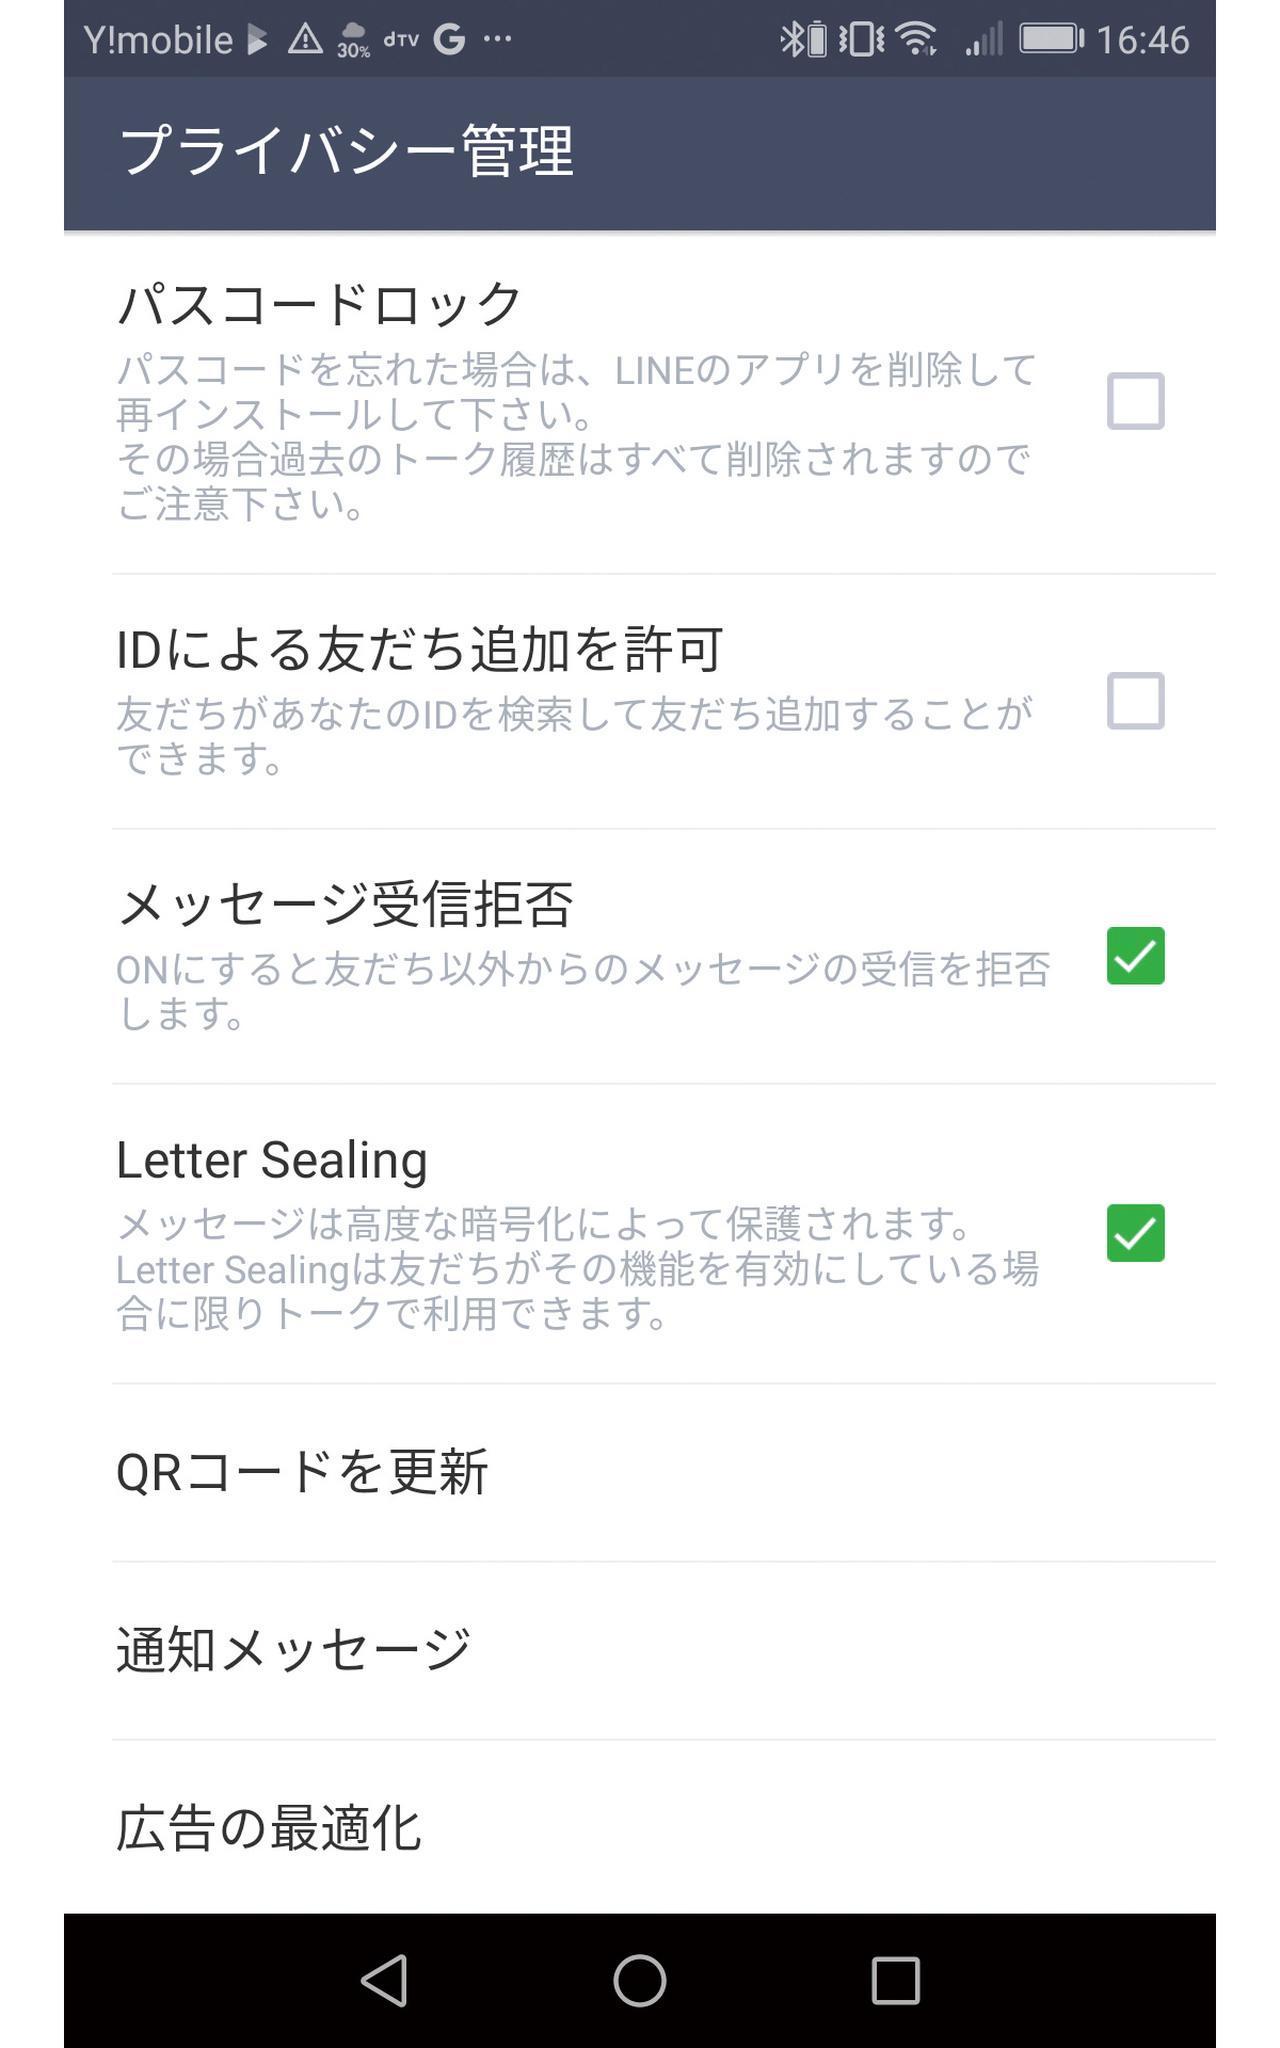 画像: 「LINE」で偽サイトへの誘導を防ぐには、「プライバシー管理」で友だち以外からのメッセージを受信拒否に設定しておくといい。